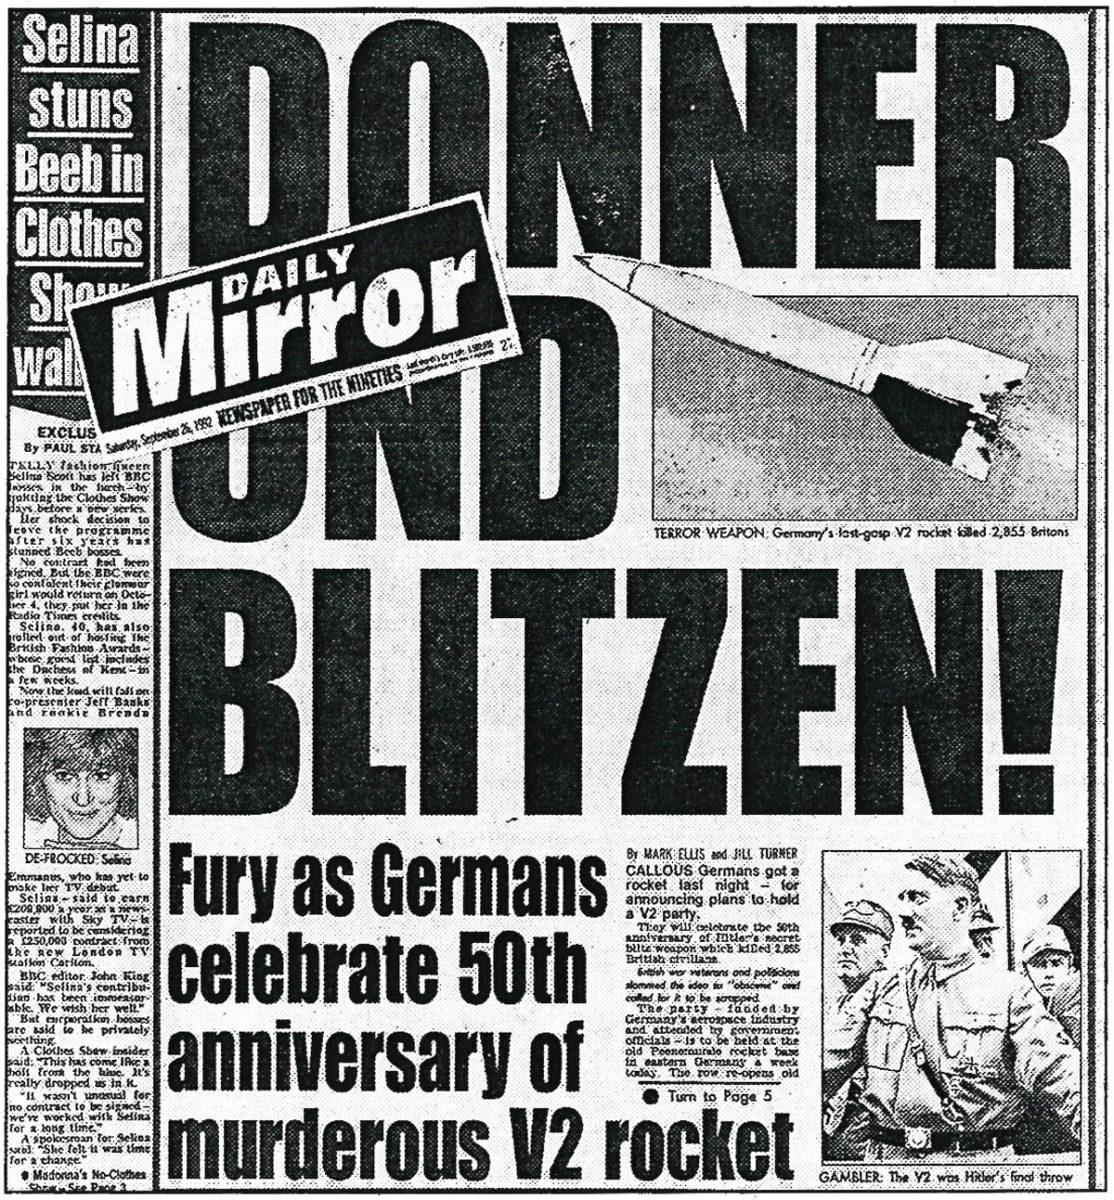 """Die Empörung über die geplante Gedenkveranstaltung der """"mörderischen V2-Rakete"""" schaffte es 1992 beim """"Daily Mirror"""" sogar auf die Titelseite. """"Daily Mirror"""", London, 26.09.1992  (HTM Peenemünde, Archiv)"""